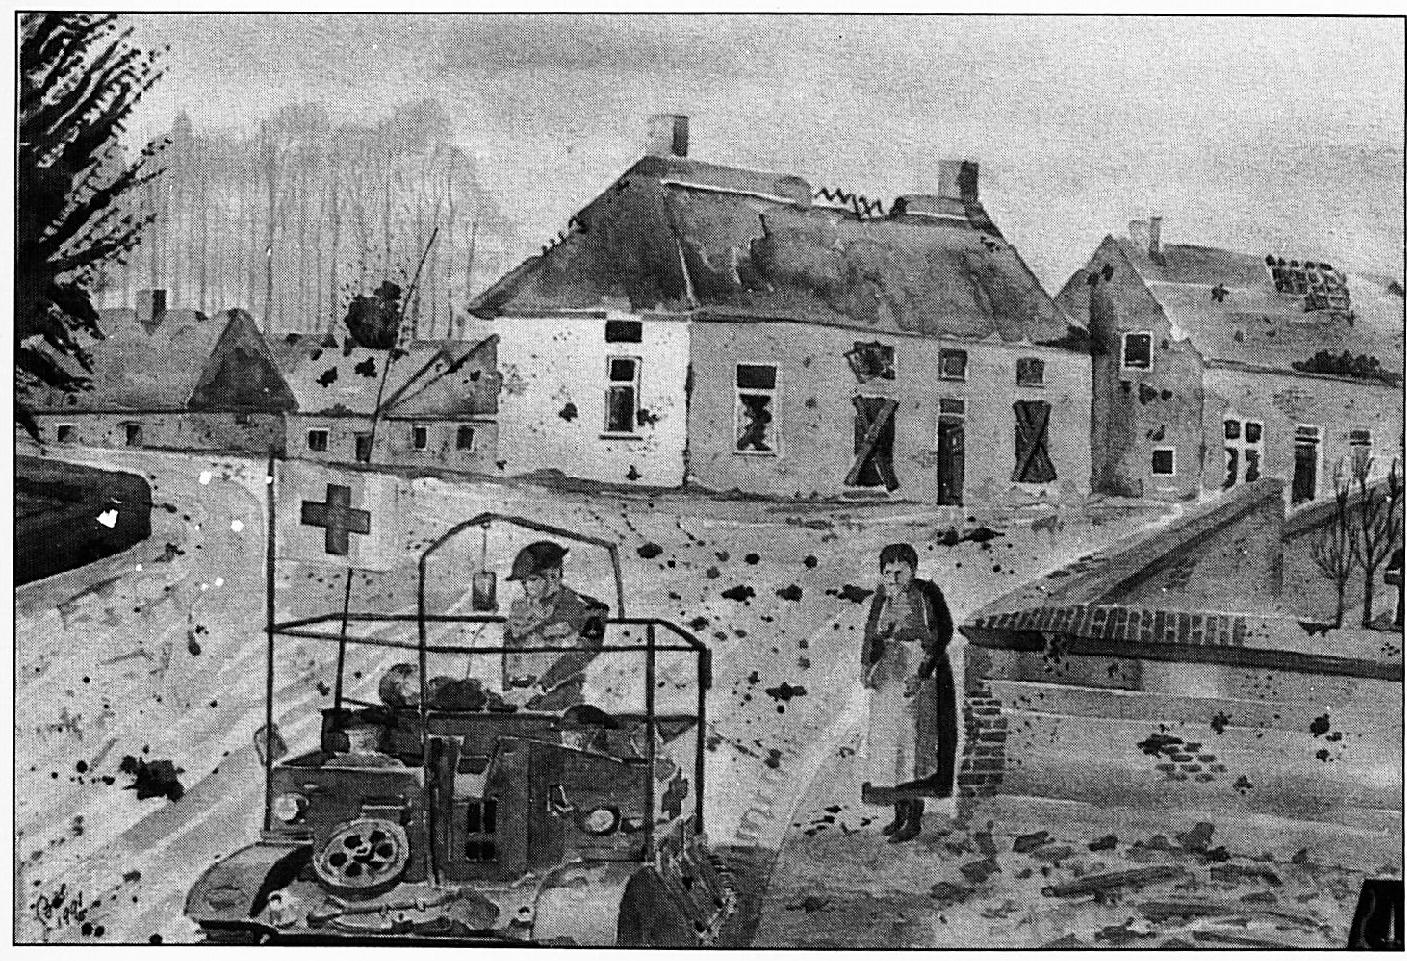 Deze aquarel van Dhr. Bos -oud strijder gelegerd te Wamel- brengt het vervoer van de zwaargewonde soldaat Harry van Ham in beeld, die naar een Canadees militair hospitaal wordt afgevoerd.